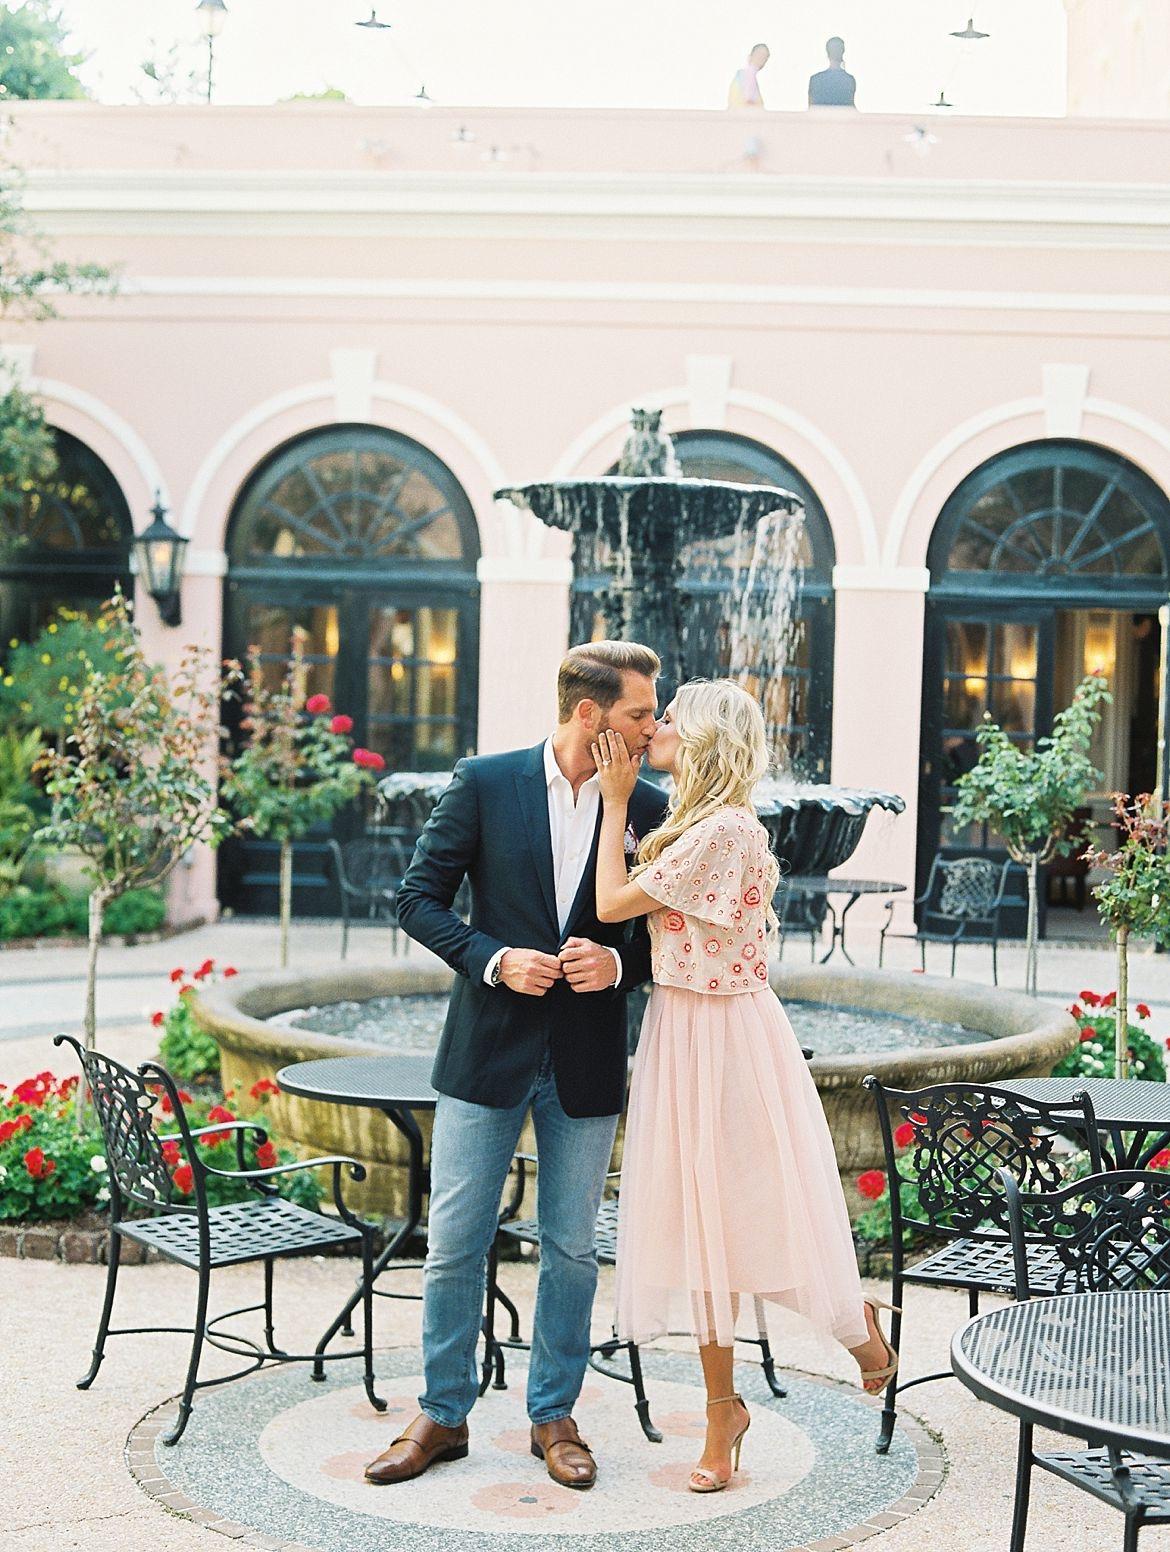 Classic Elegant Engagement Session